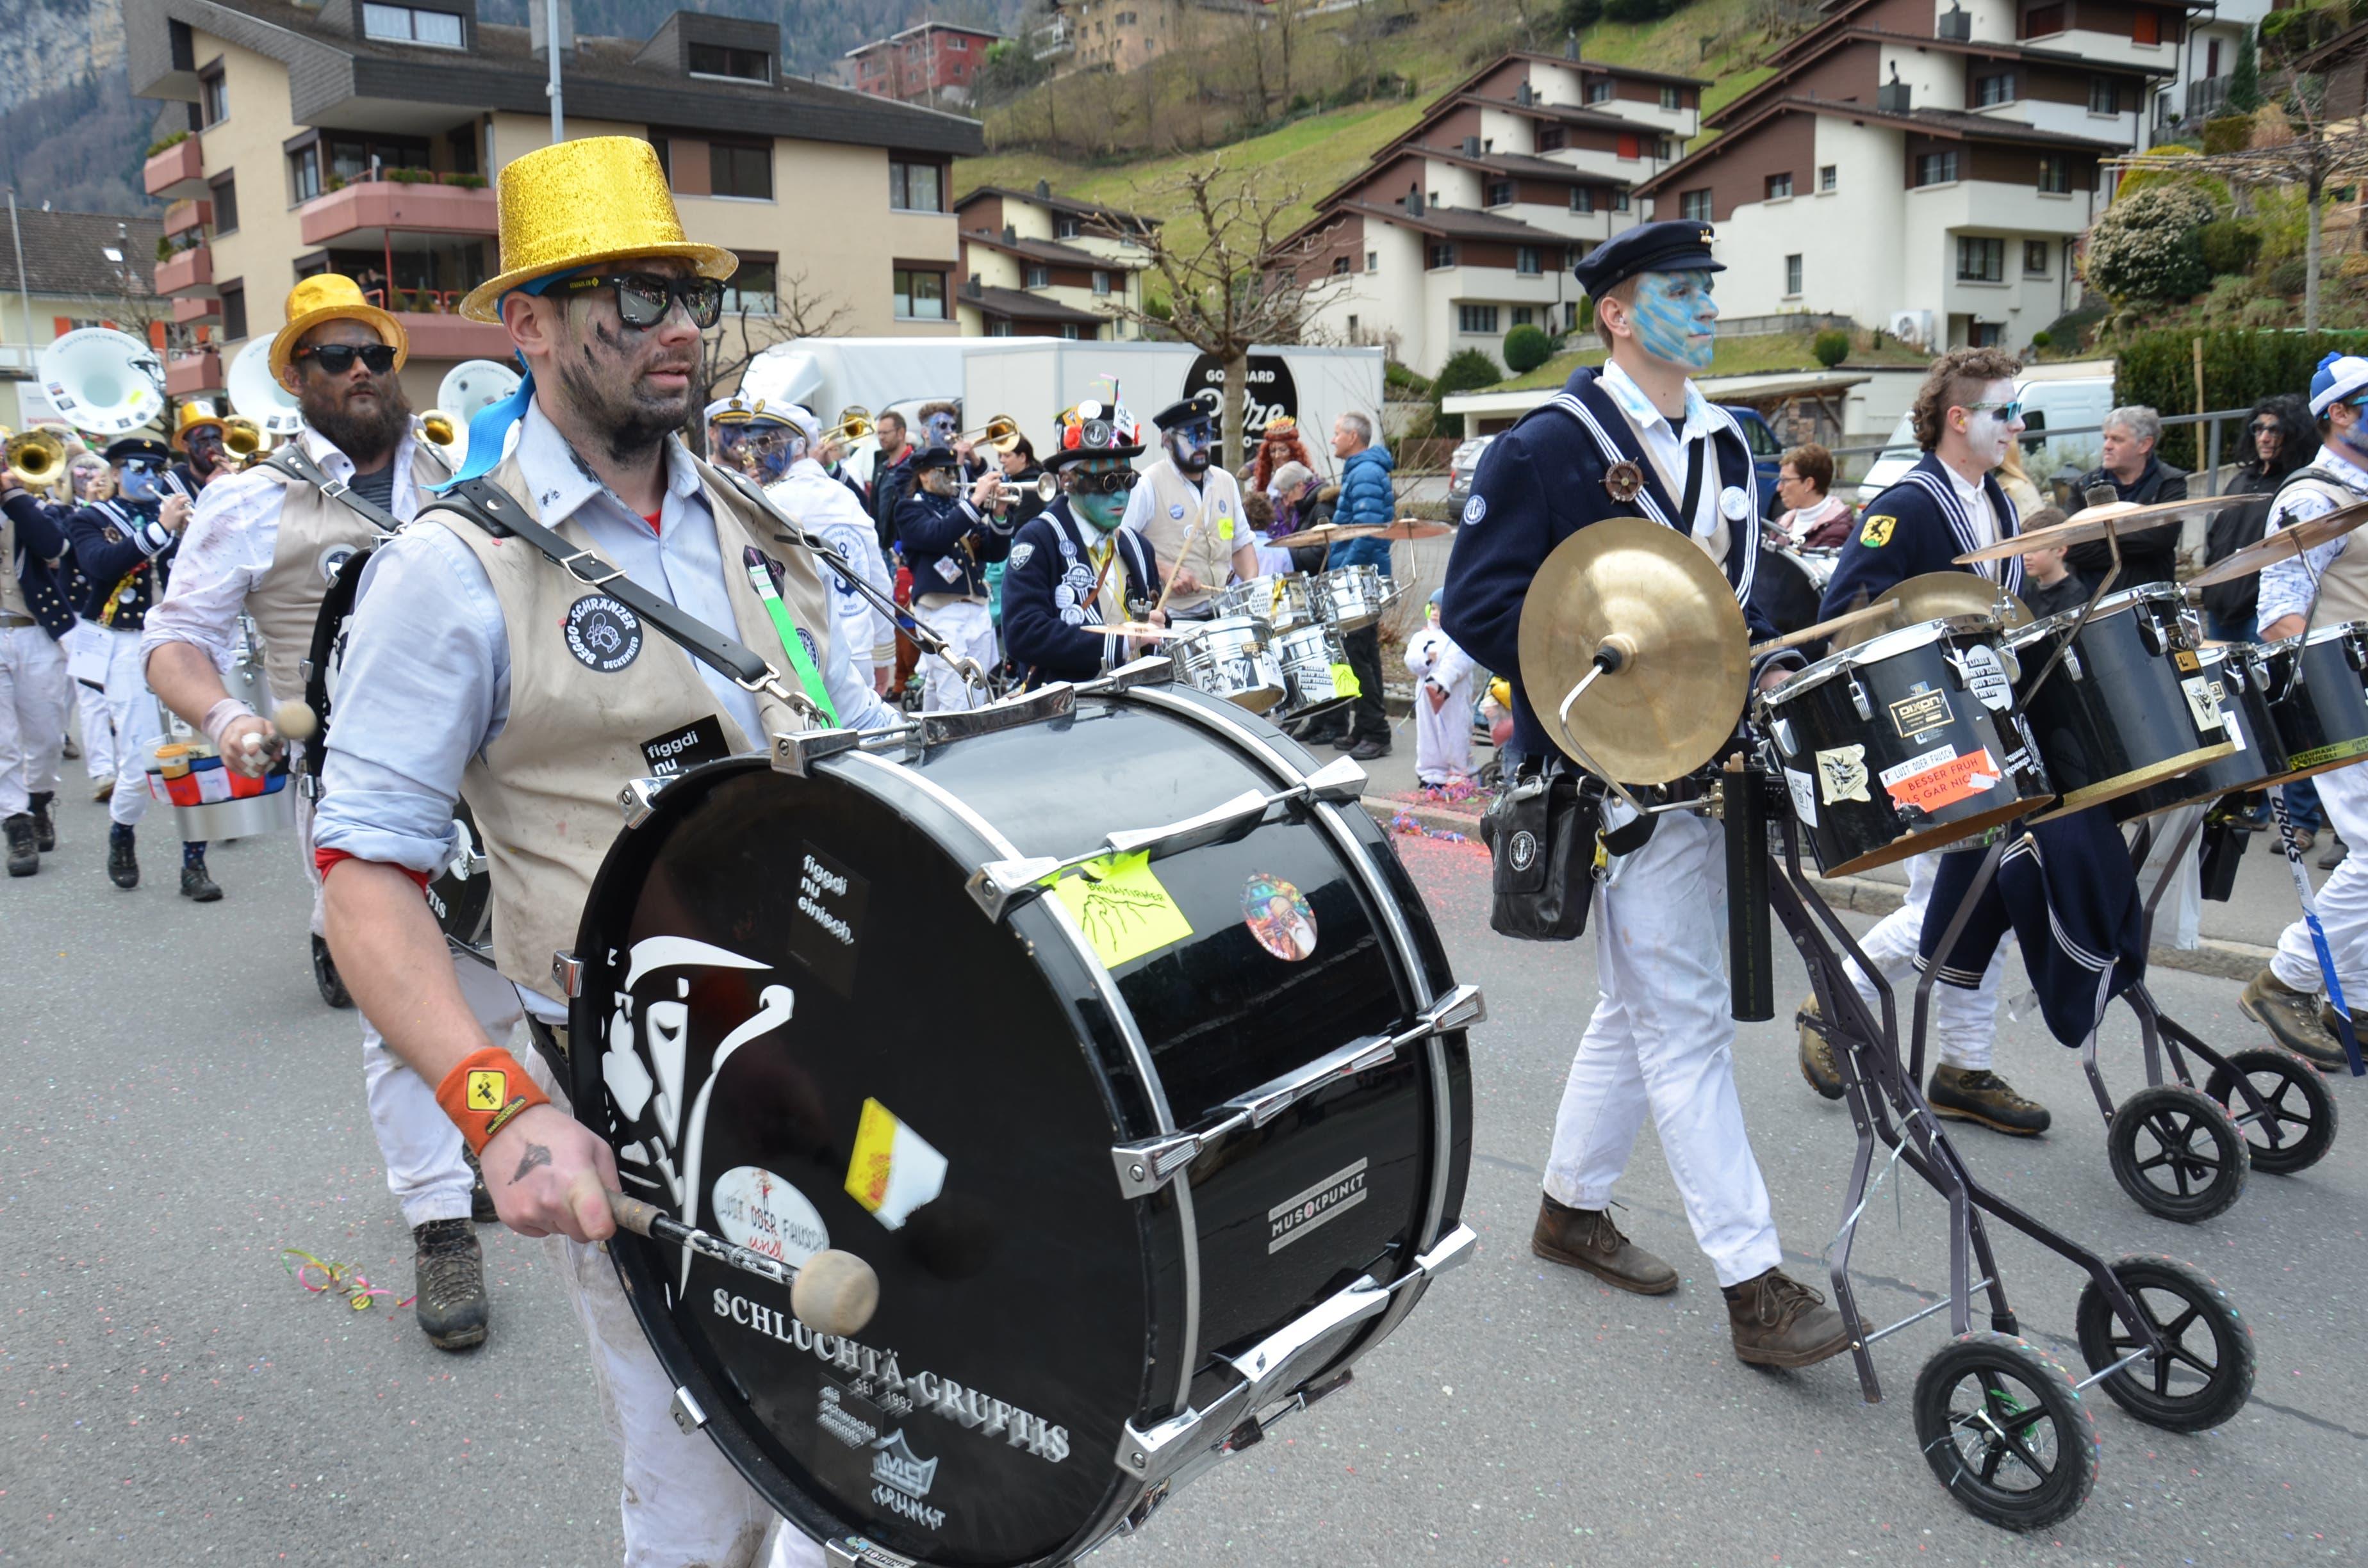 Die Schluchtä-Gruftis Ennetmoos hauen in Dallenwil nochmal drauf.